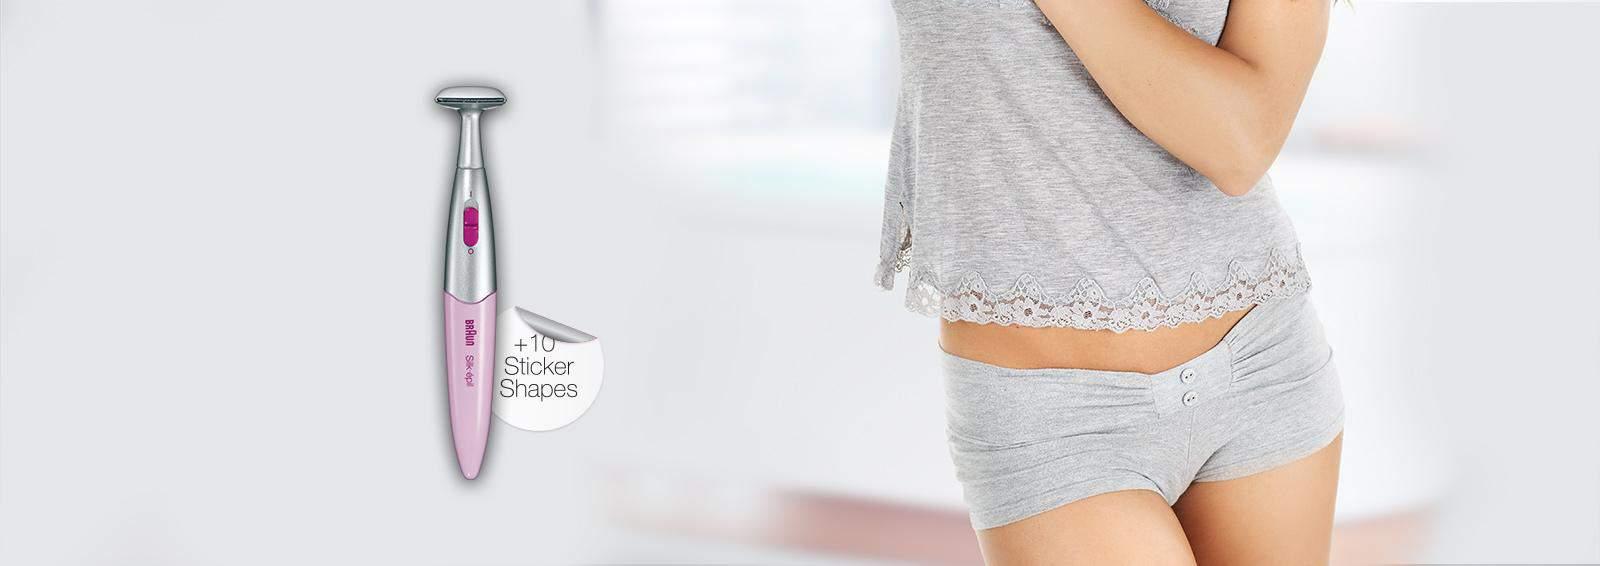 Best for bikini area - Braun Silk-épil Bikini Trimmer Styler